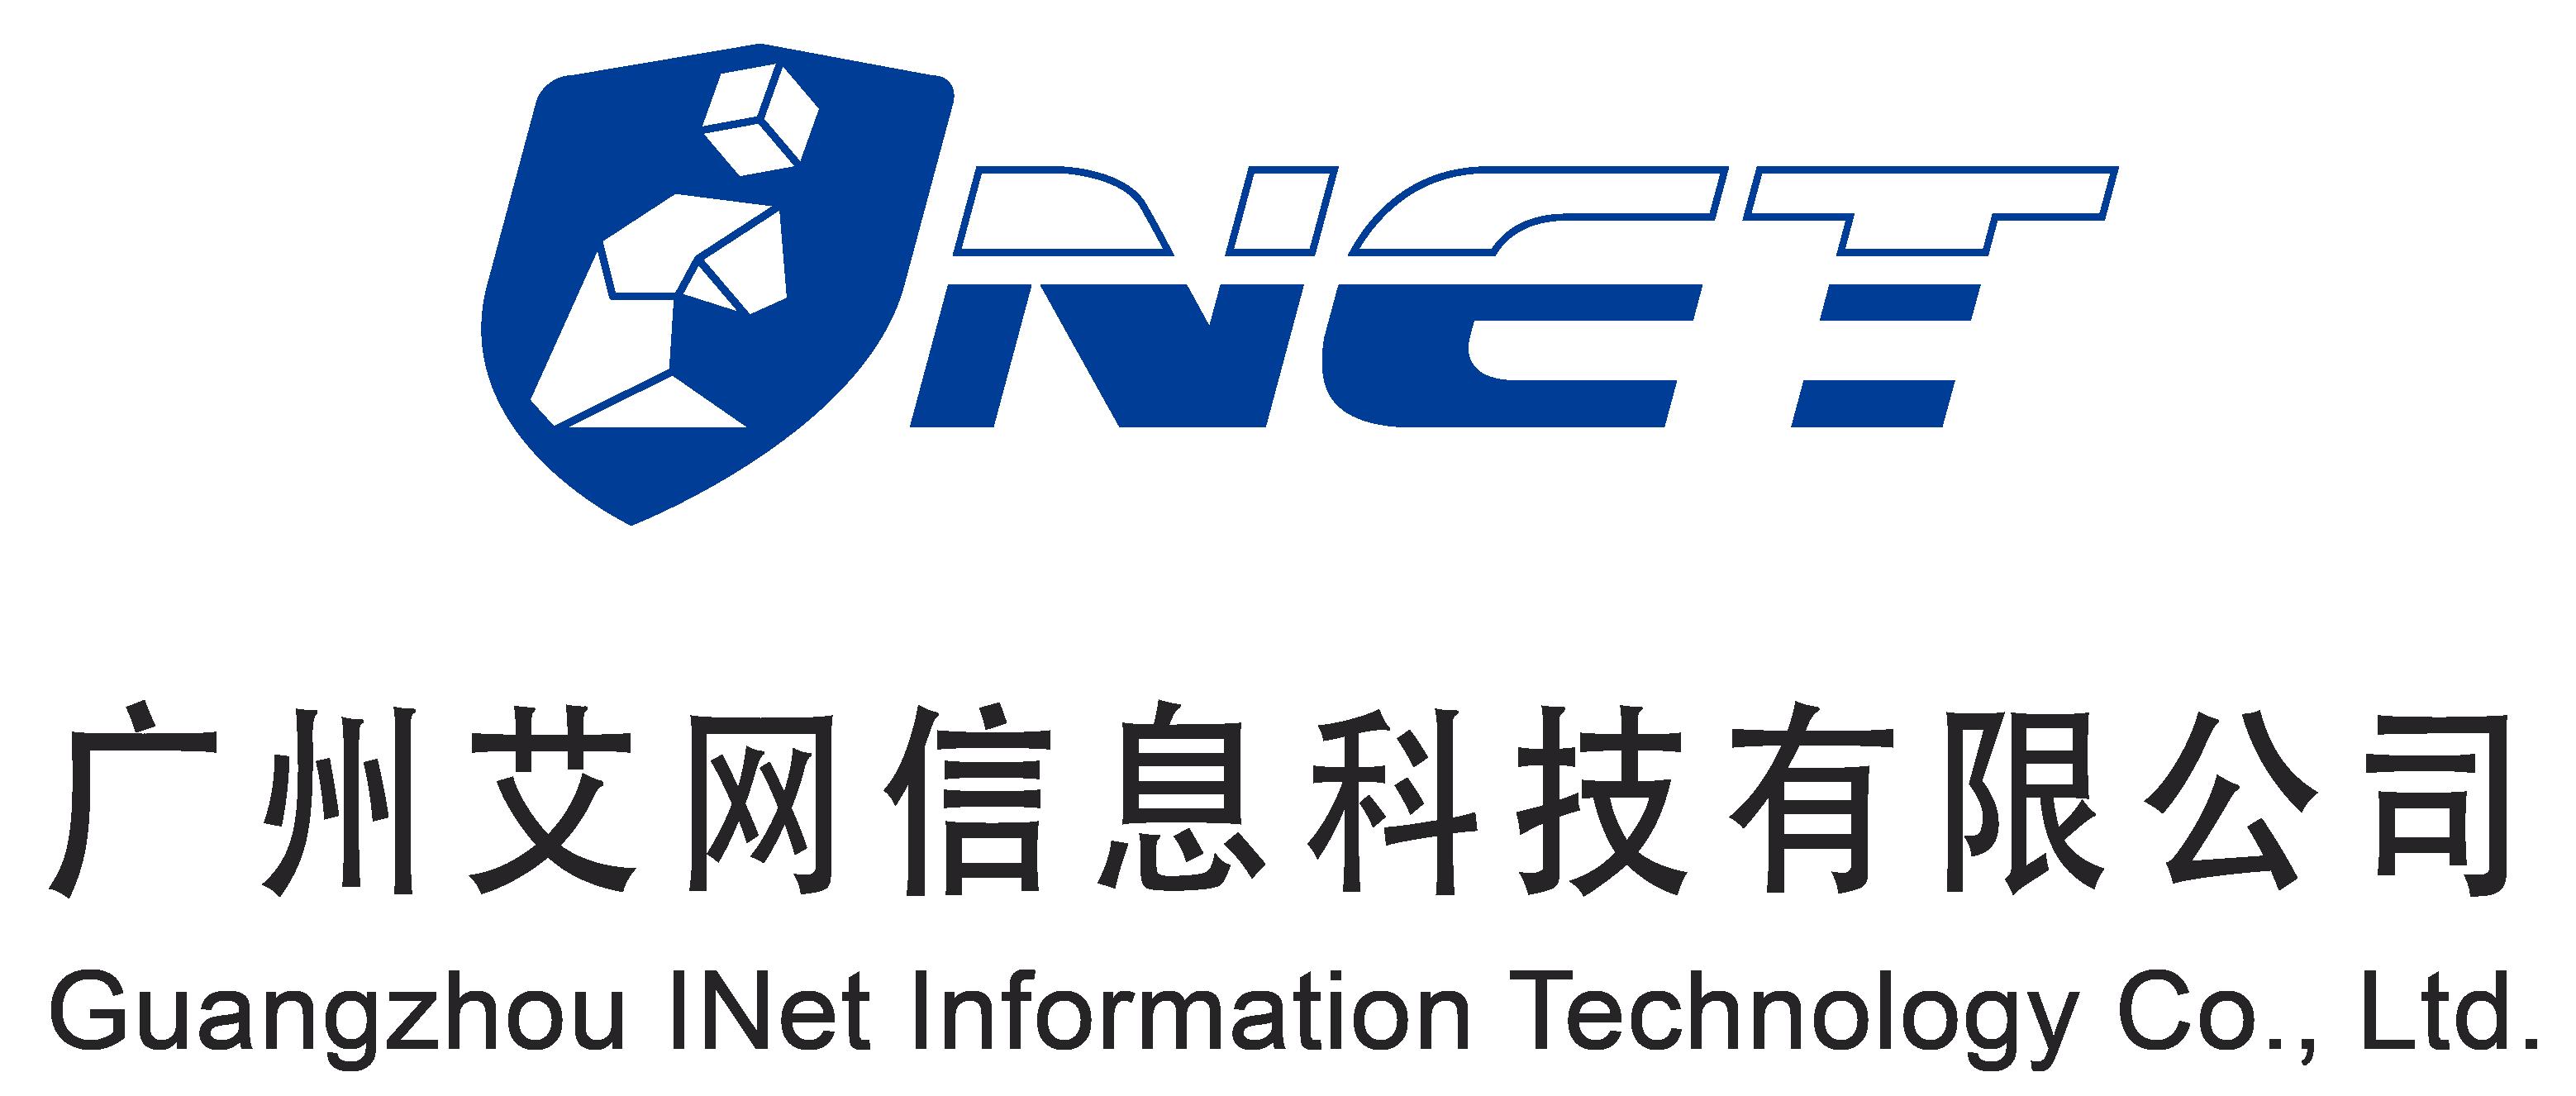 广州艾网信息科技有限公司(4390)